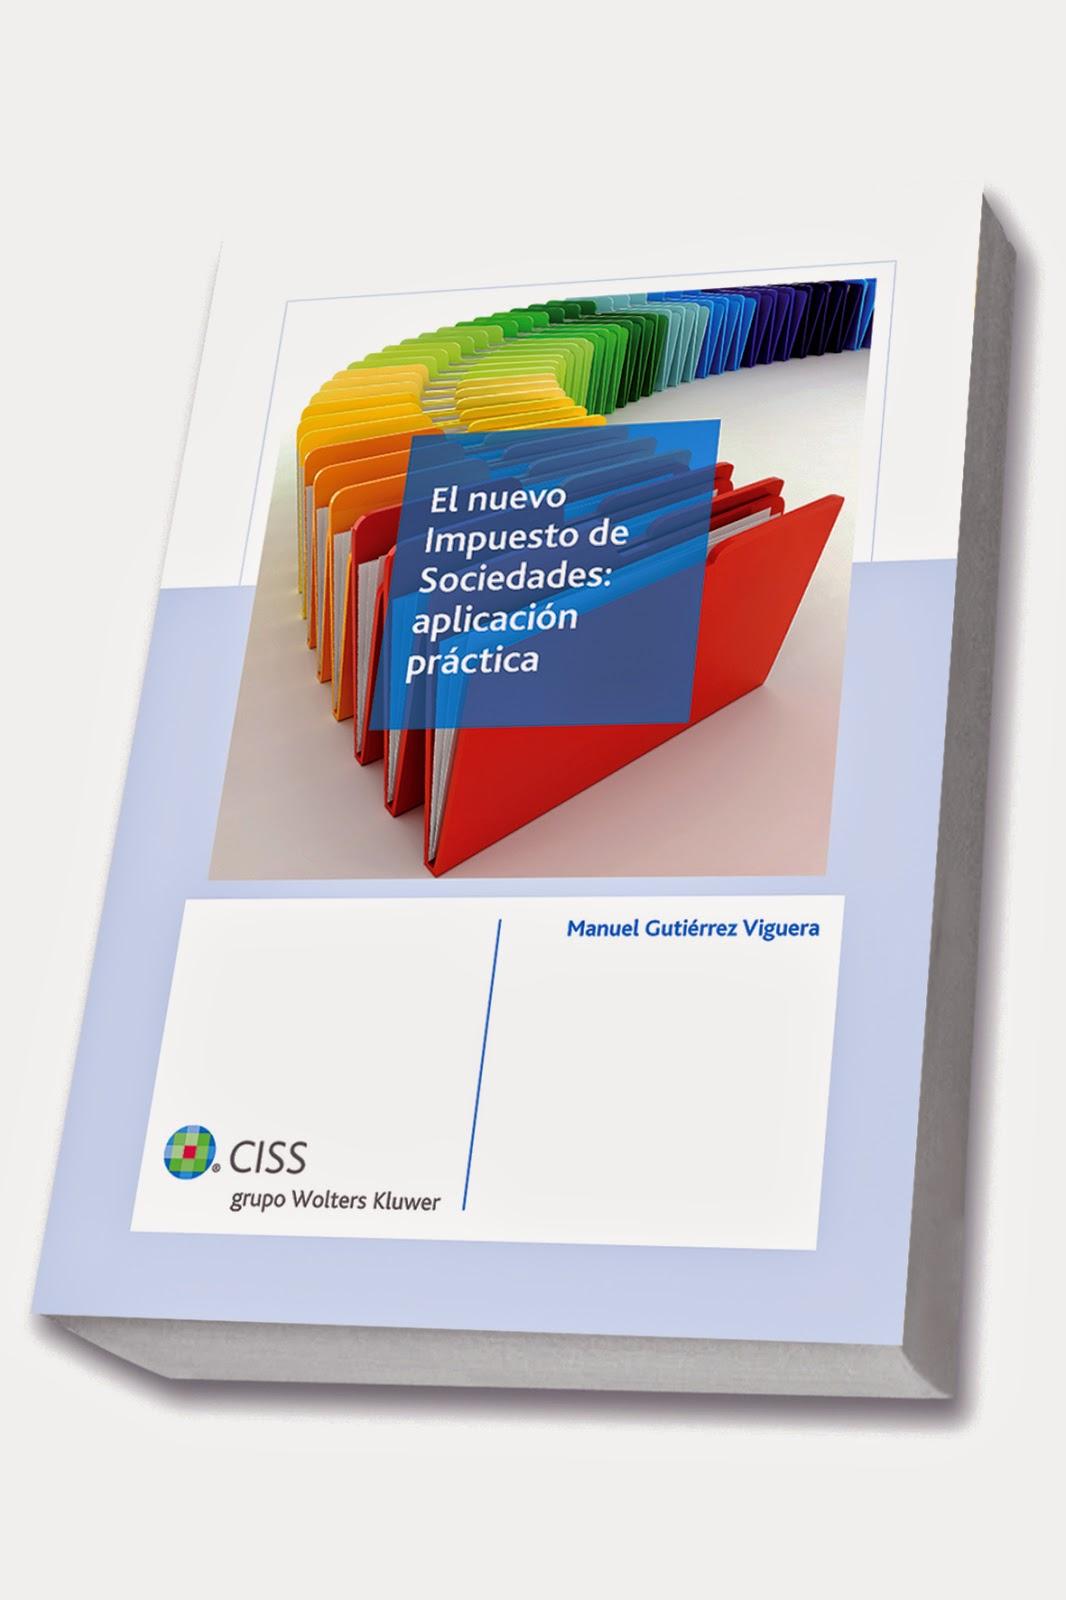 El nuevo Impuesto de Sociedades. Aplicación práctica 2015. Novedades Derecho Marzo, en Librería Cilsa.